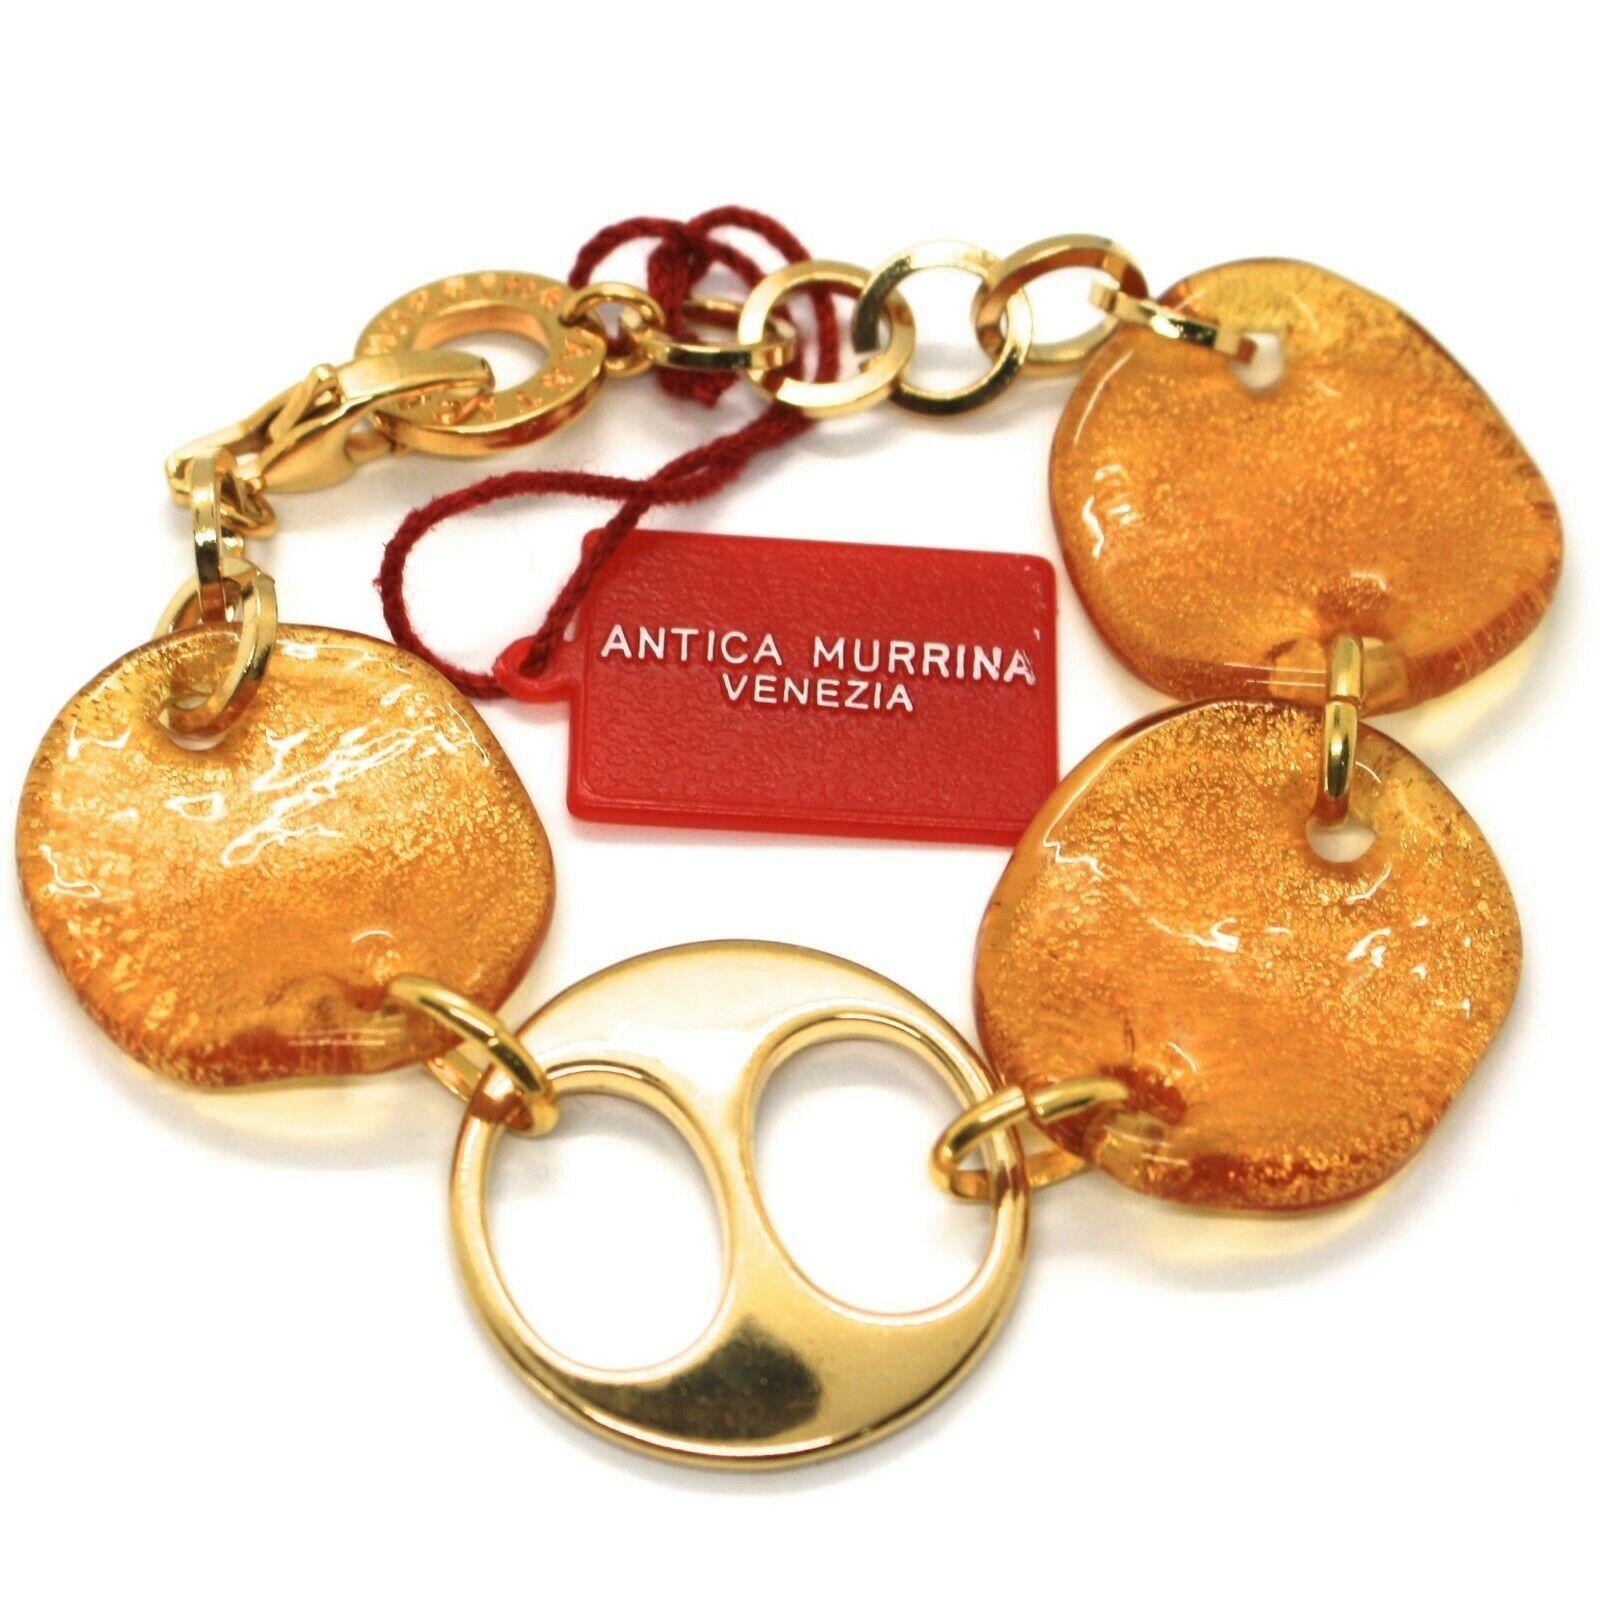 Bracelet Antica Murrina Venezia, Glass Murano, Discs Wavy, Leaf Golden